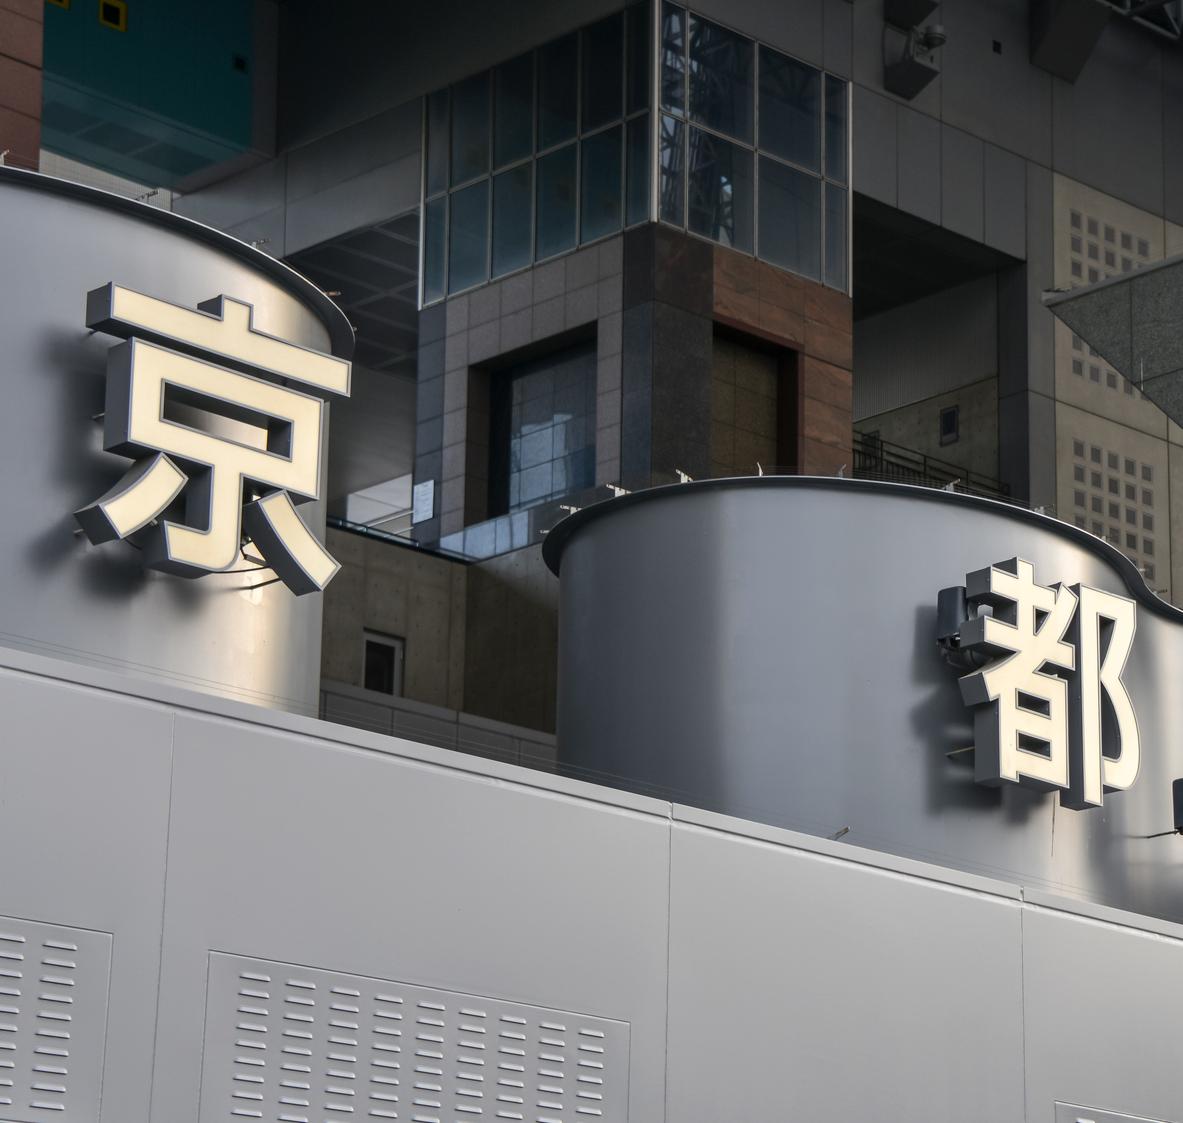 京都車站像迷宮? 用影片帶你走京都車站買票去!